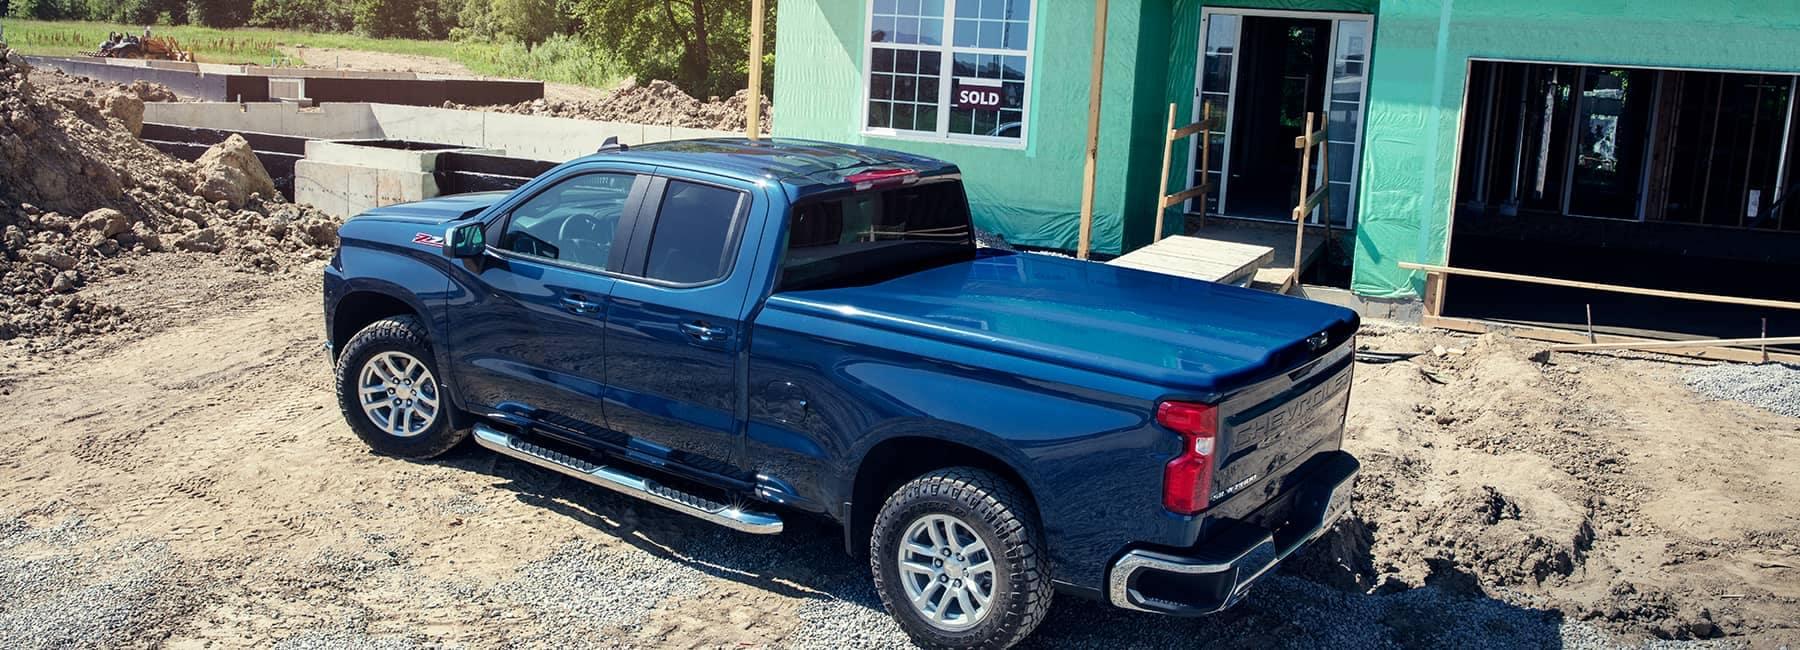 Blue 2021 Chevrolet Silverado 1500LD at a Construction Site_mobile